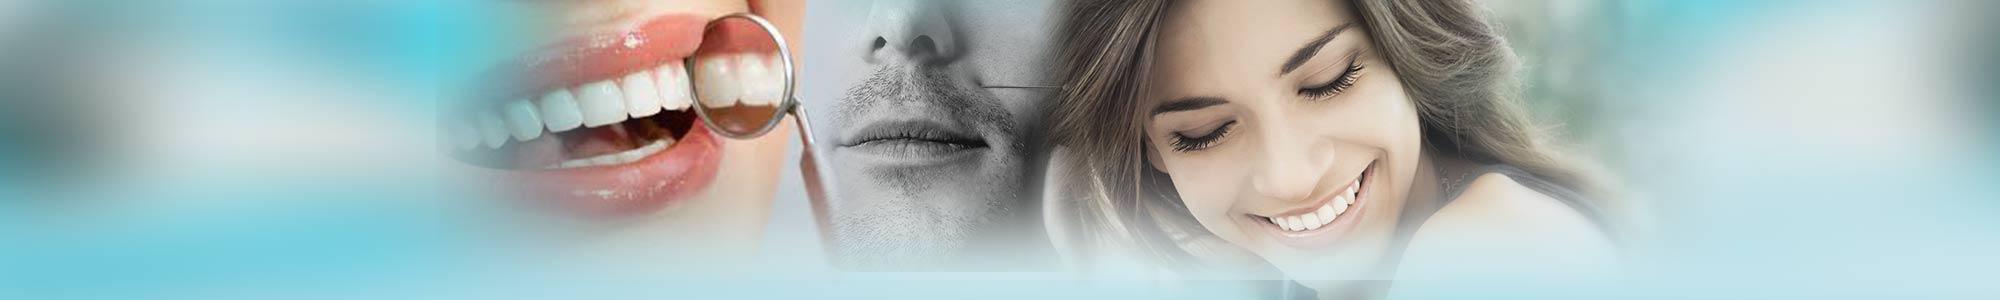 Dentisterie esthétique - Clinique dentaire Européenne- Tours -Région Centre